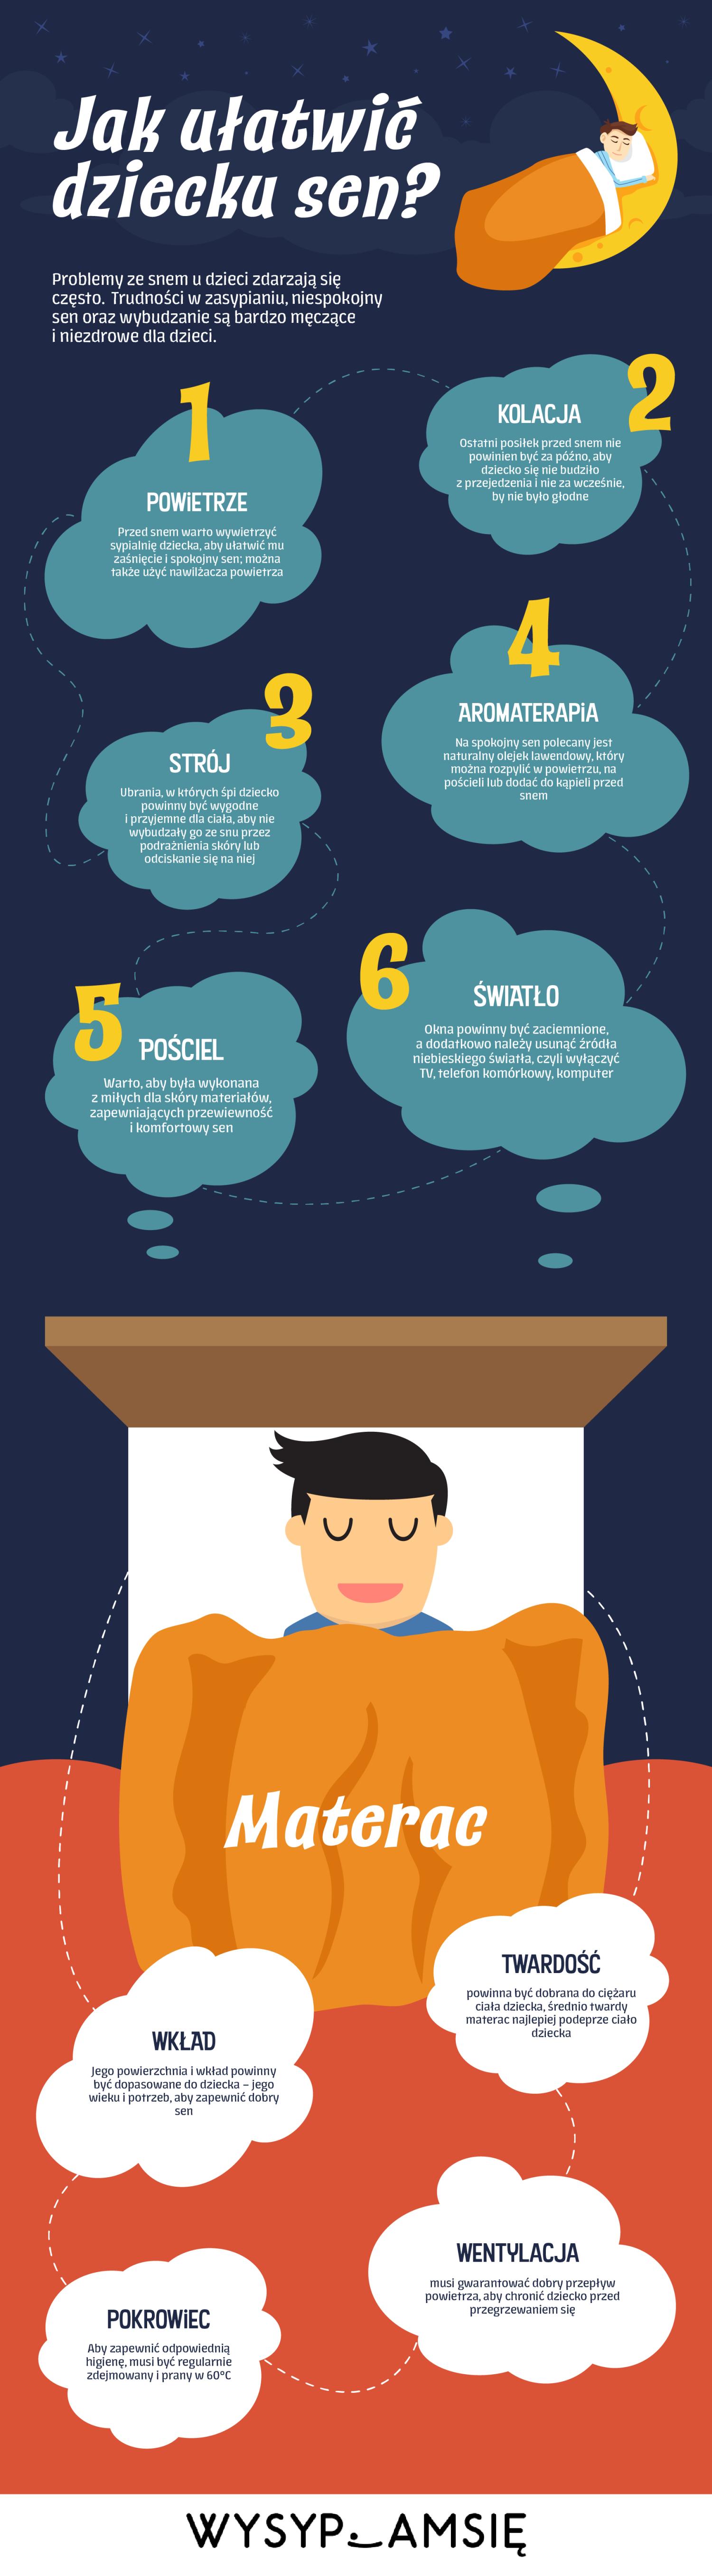 jak ułatwić sen dziecku, infografika